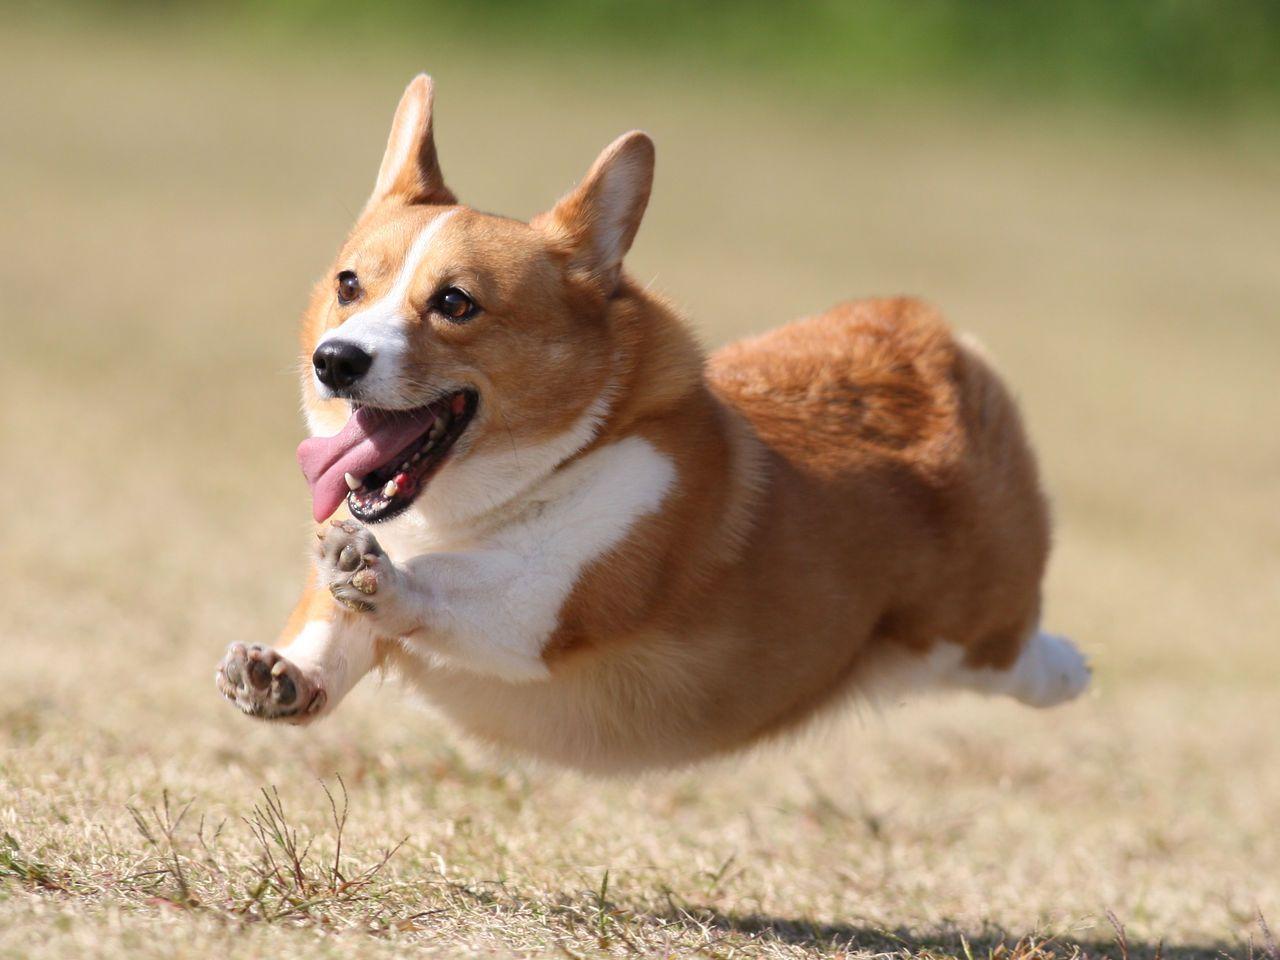 食感と香りがたまらない 犬にくるみを食べさせても大丈夫 Peco ペコ 子犬 画像 犬 かわいいペット